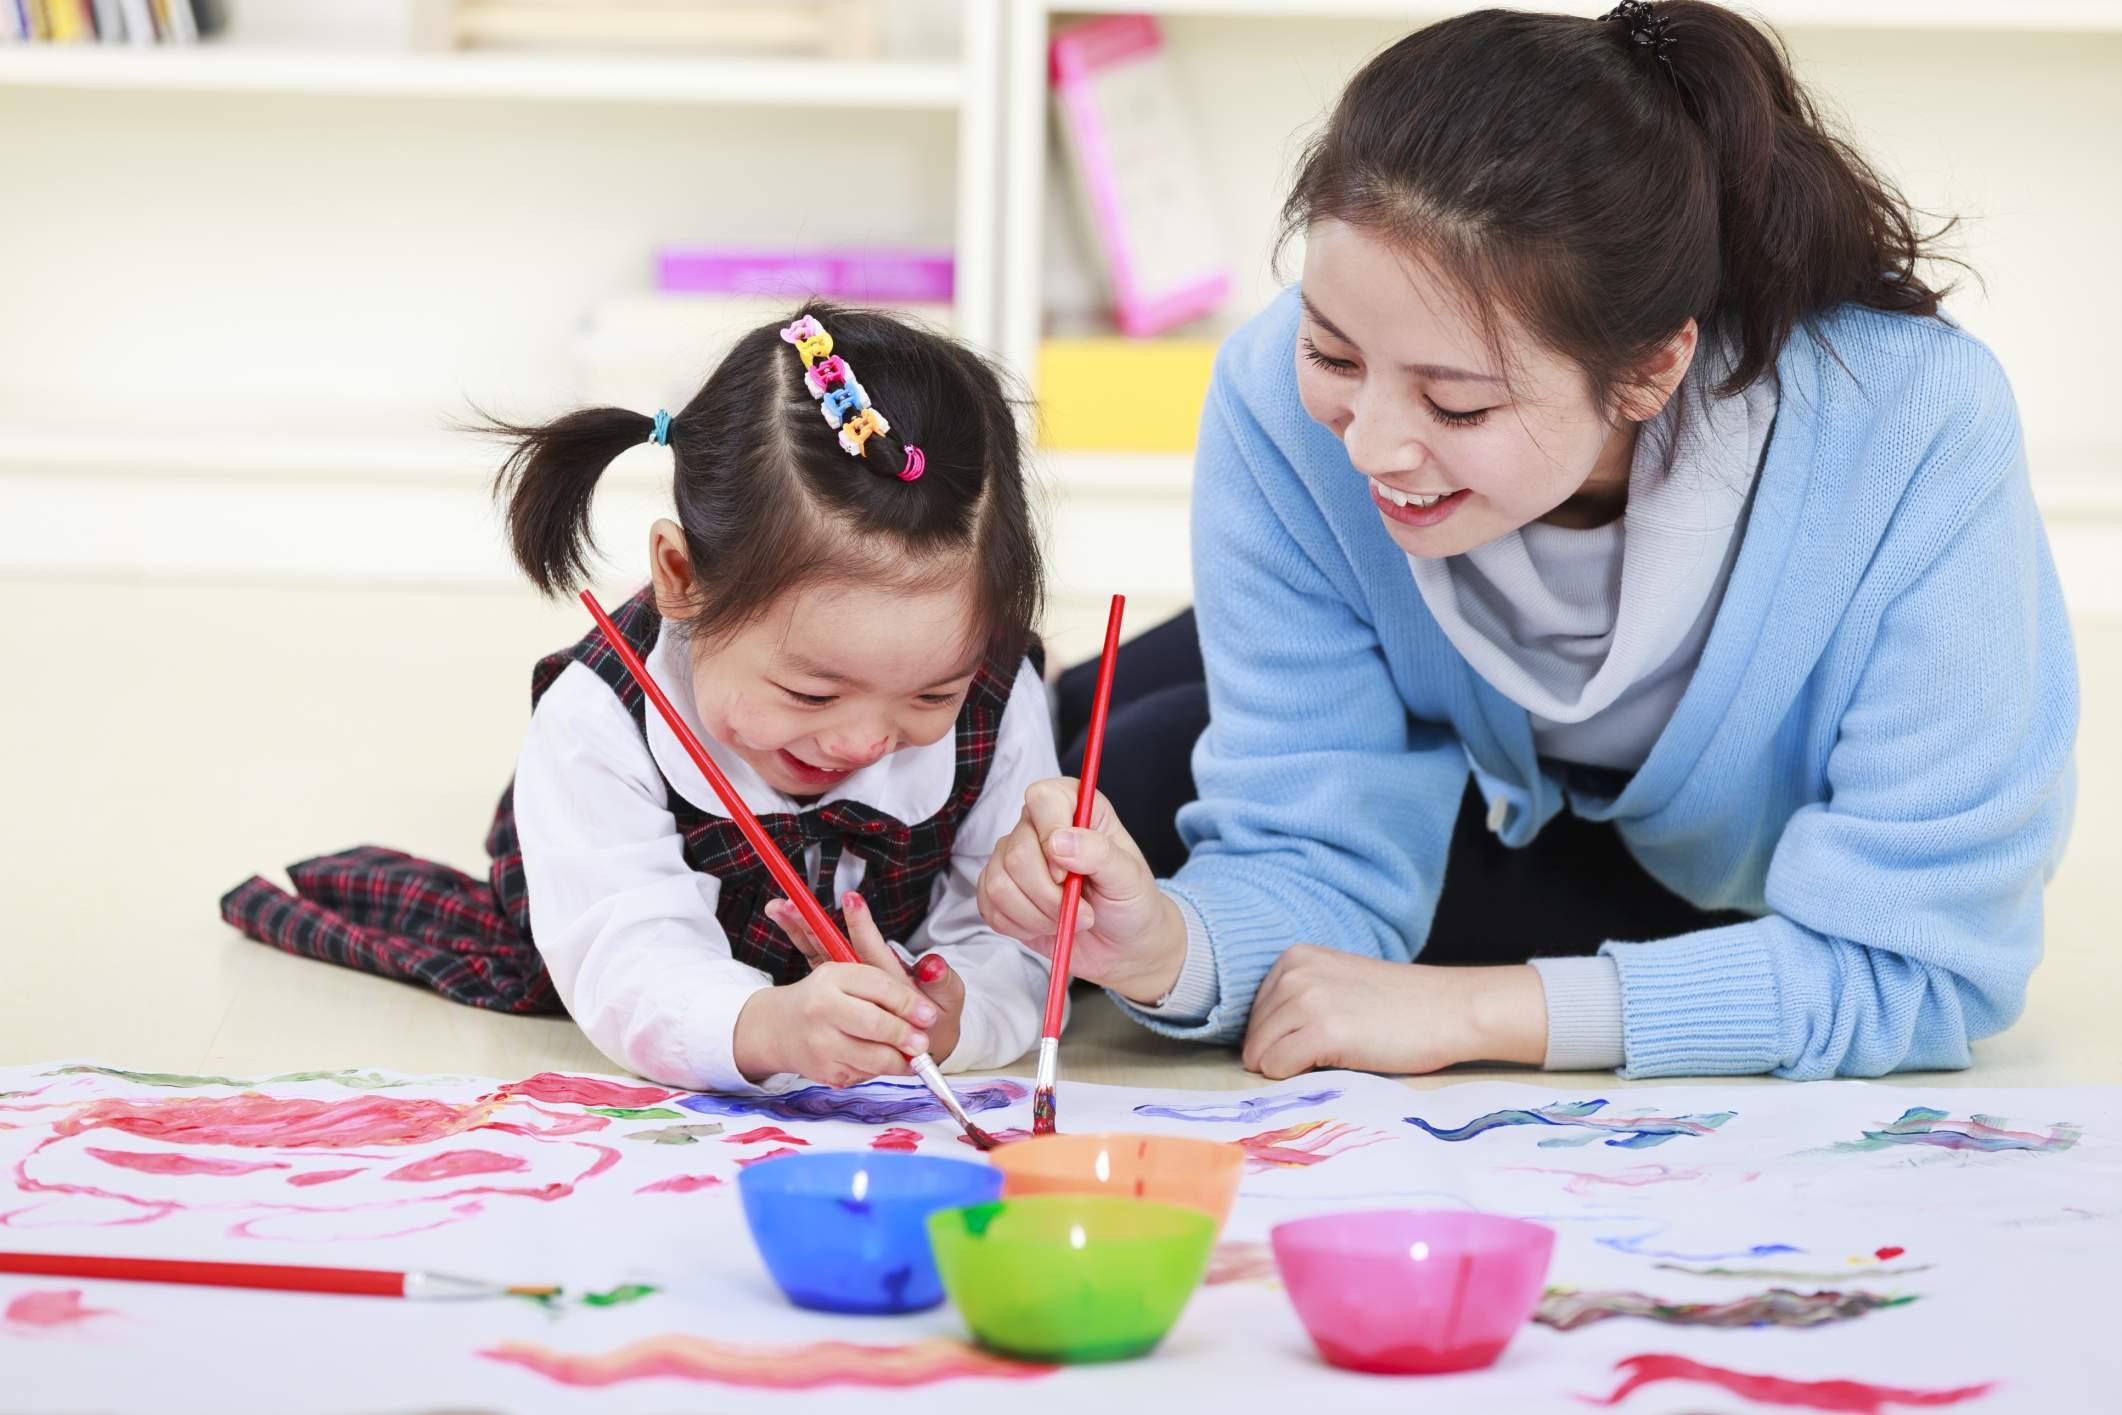 An sinh giáo dục là sản phẩm thiết kế dành riêng cho con